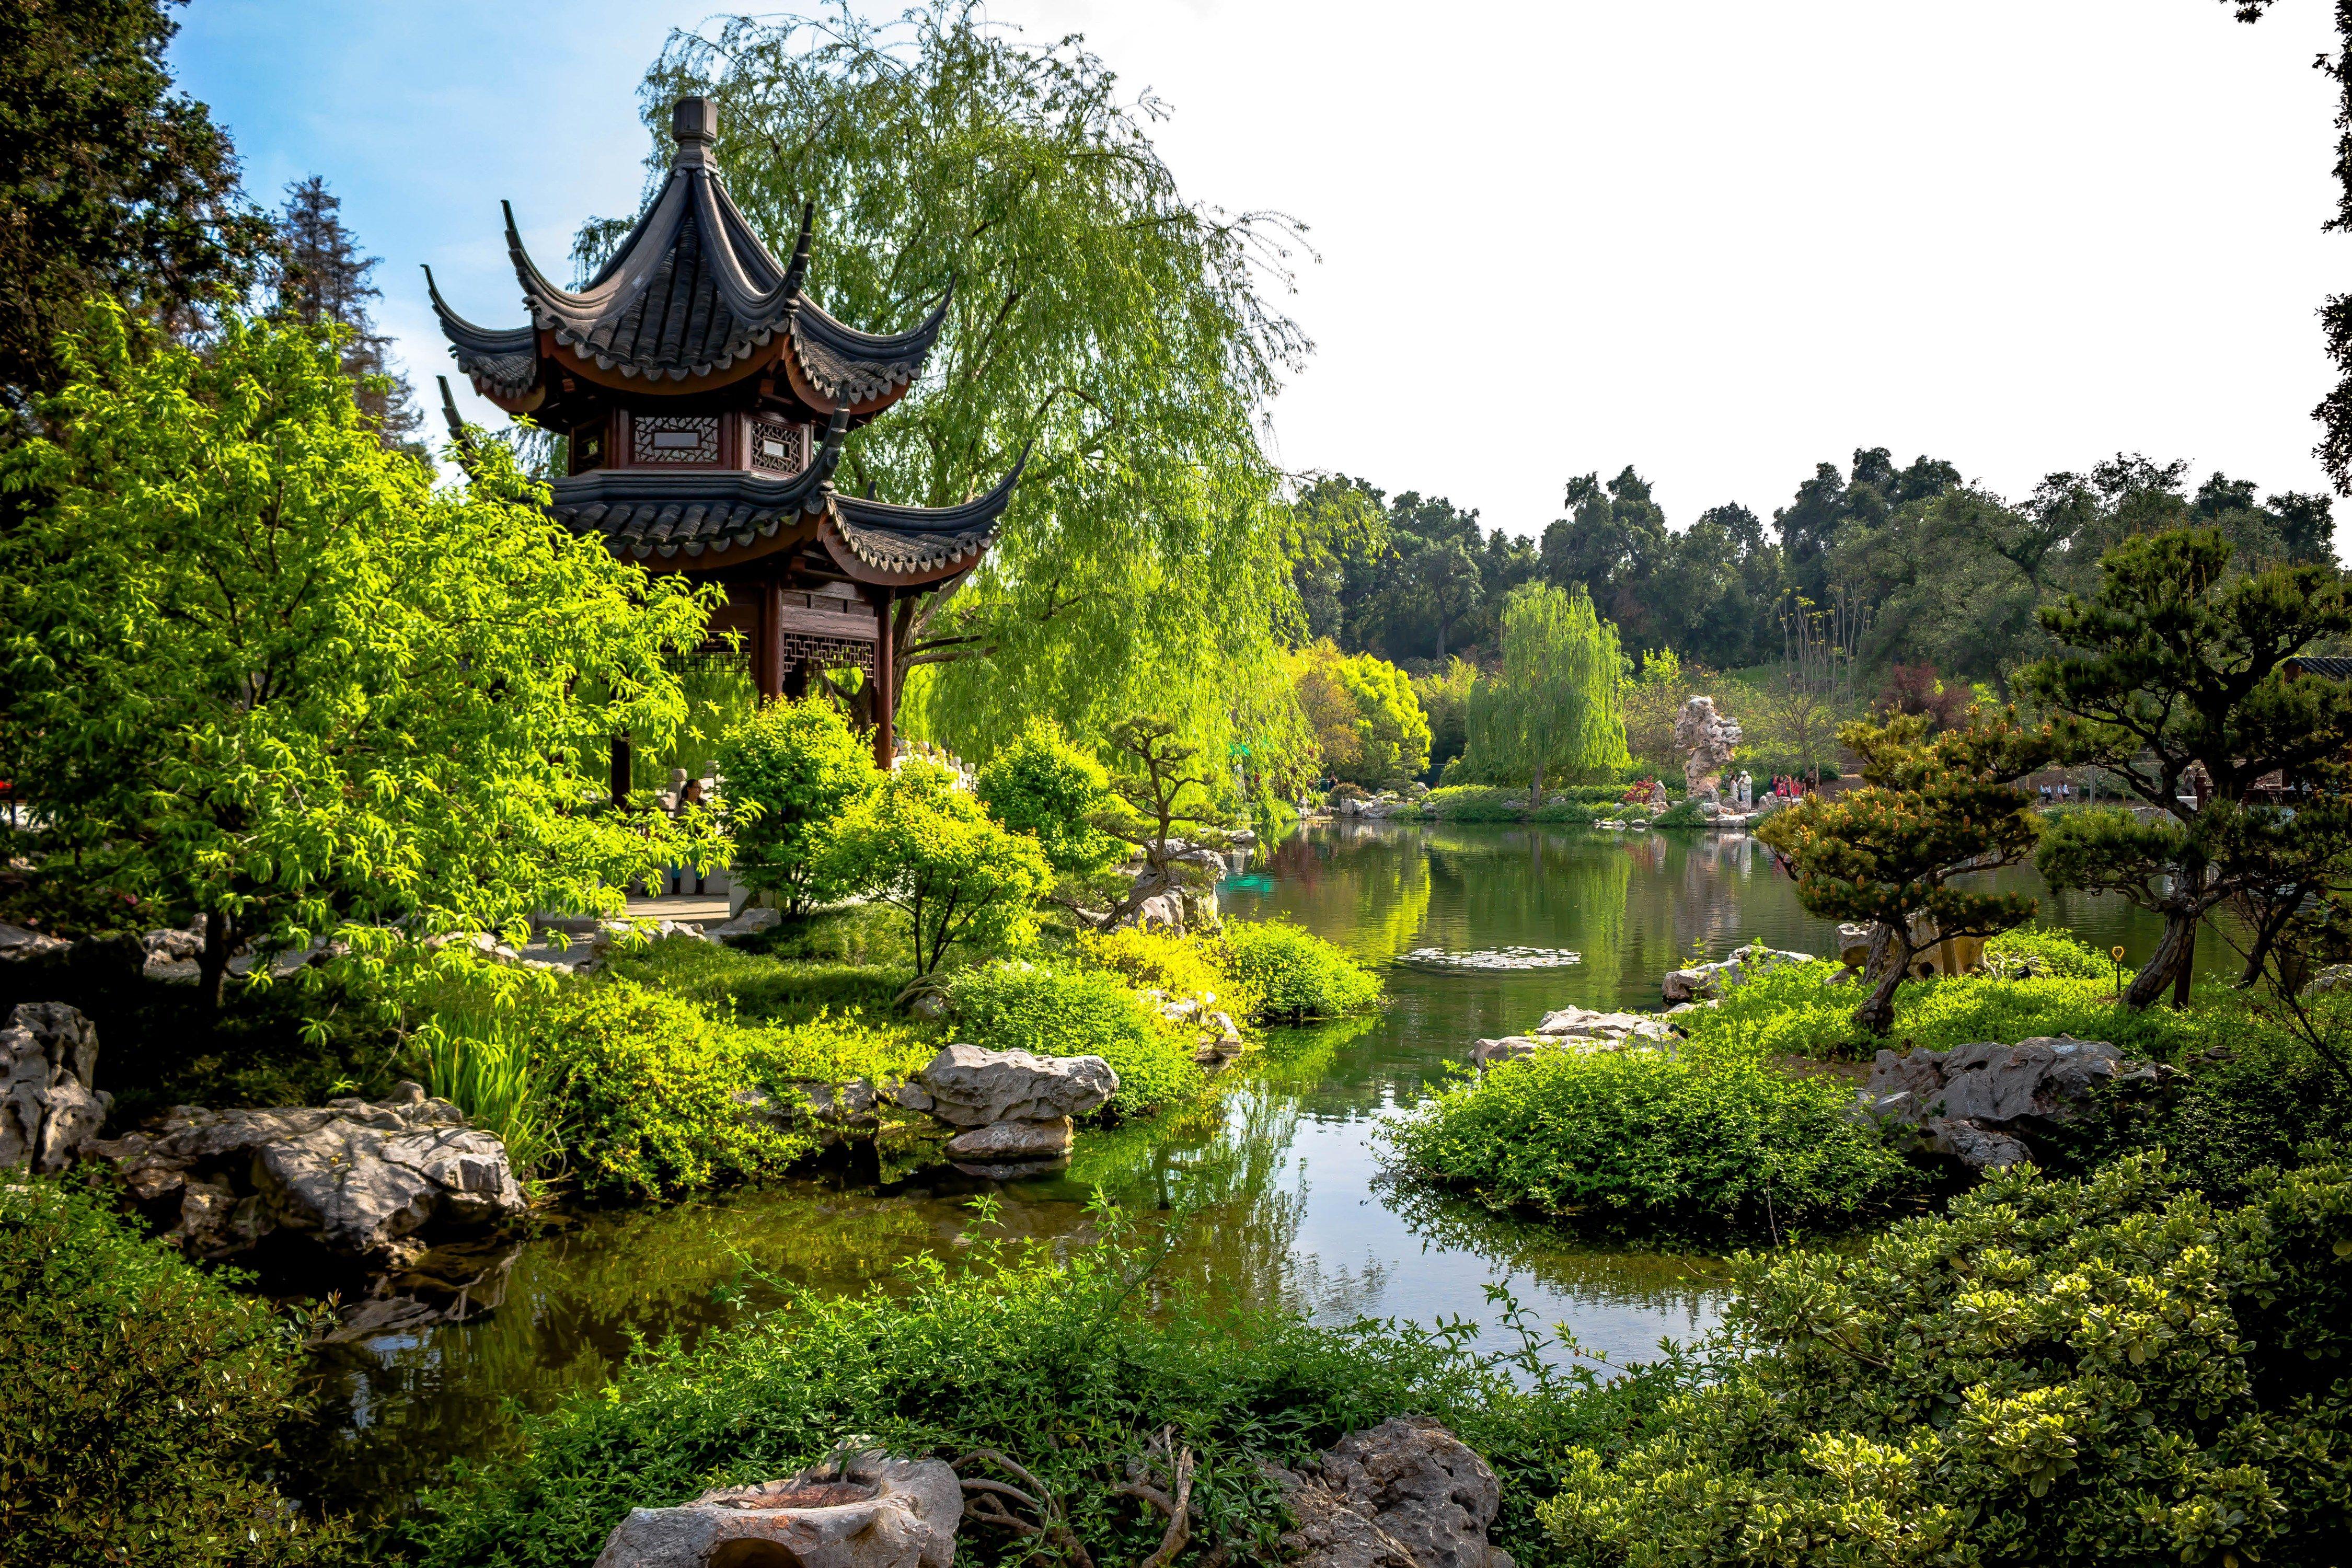 free desktop wallpaper downloads japanese garden Pagode